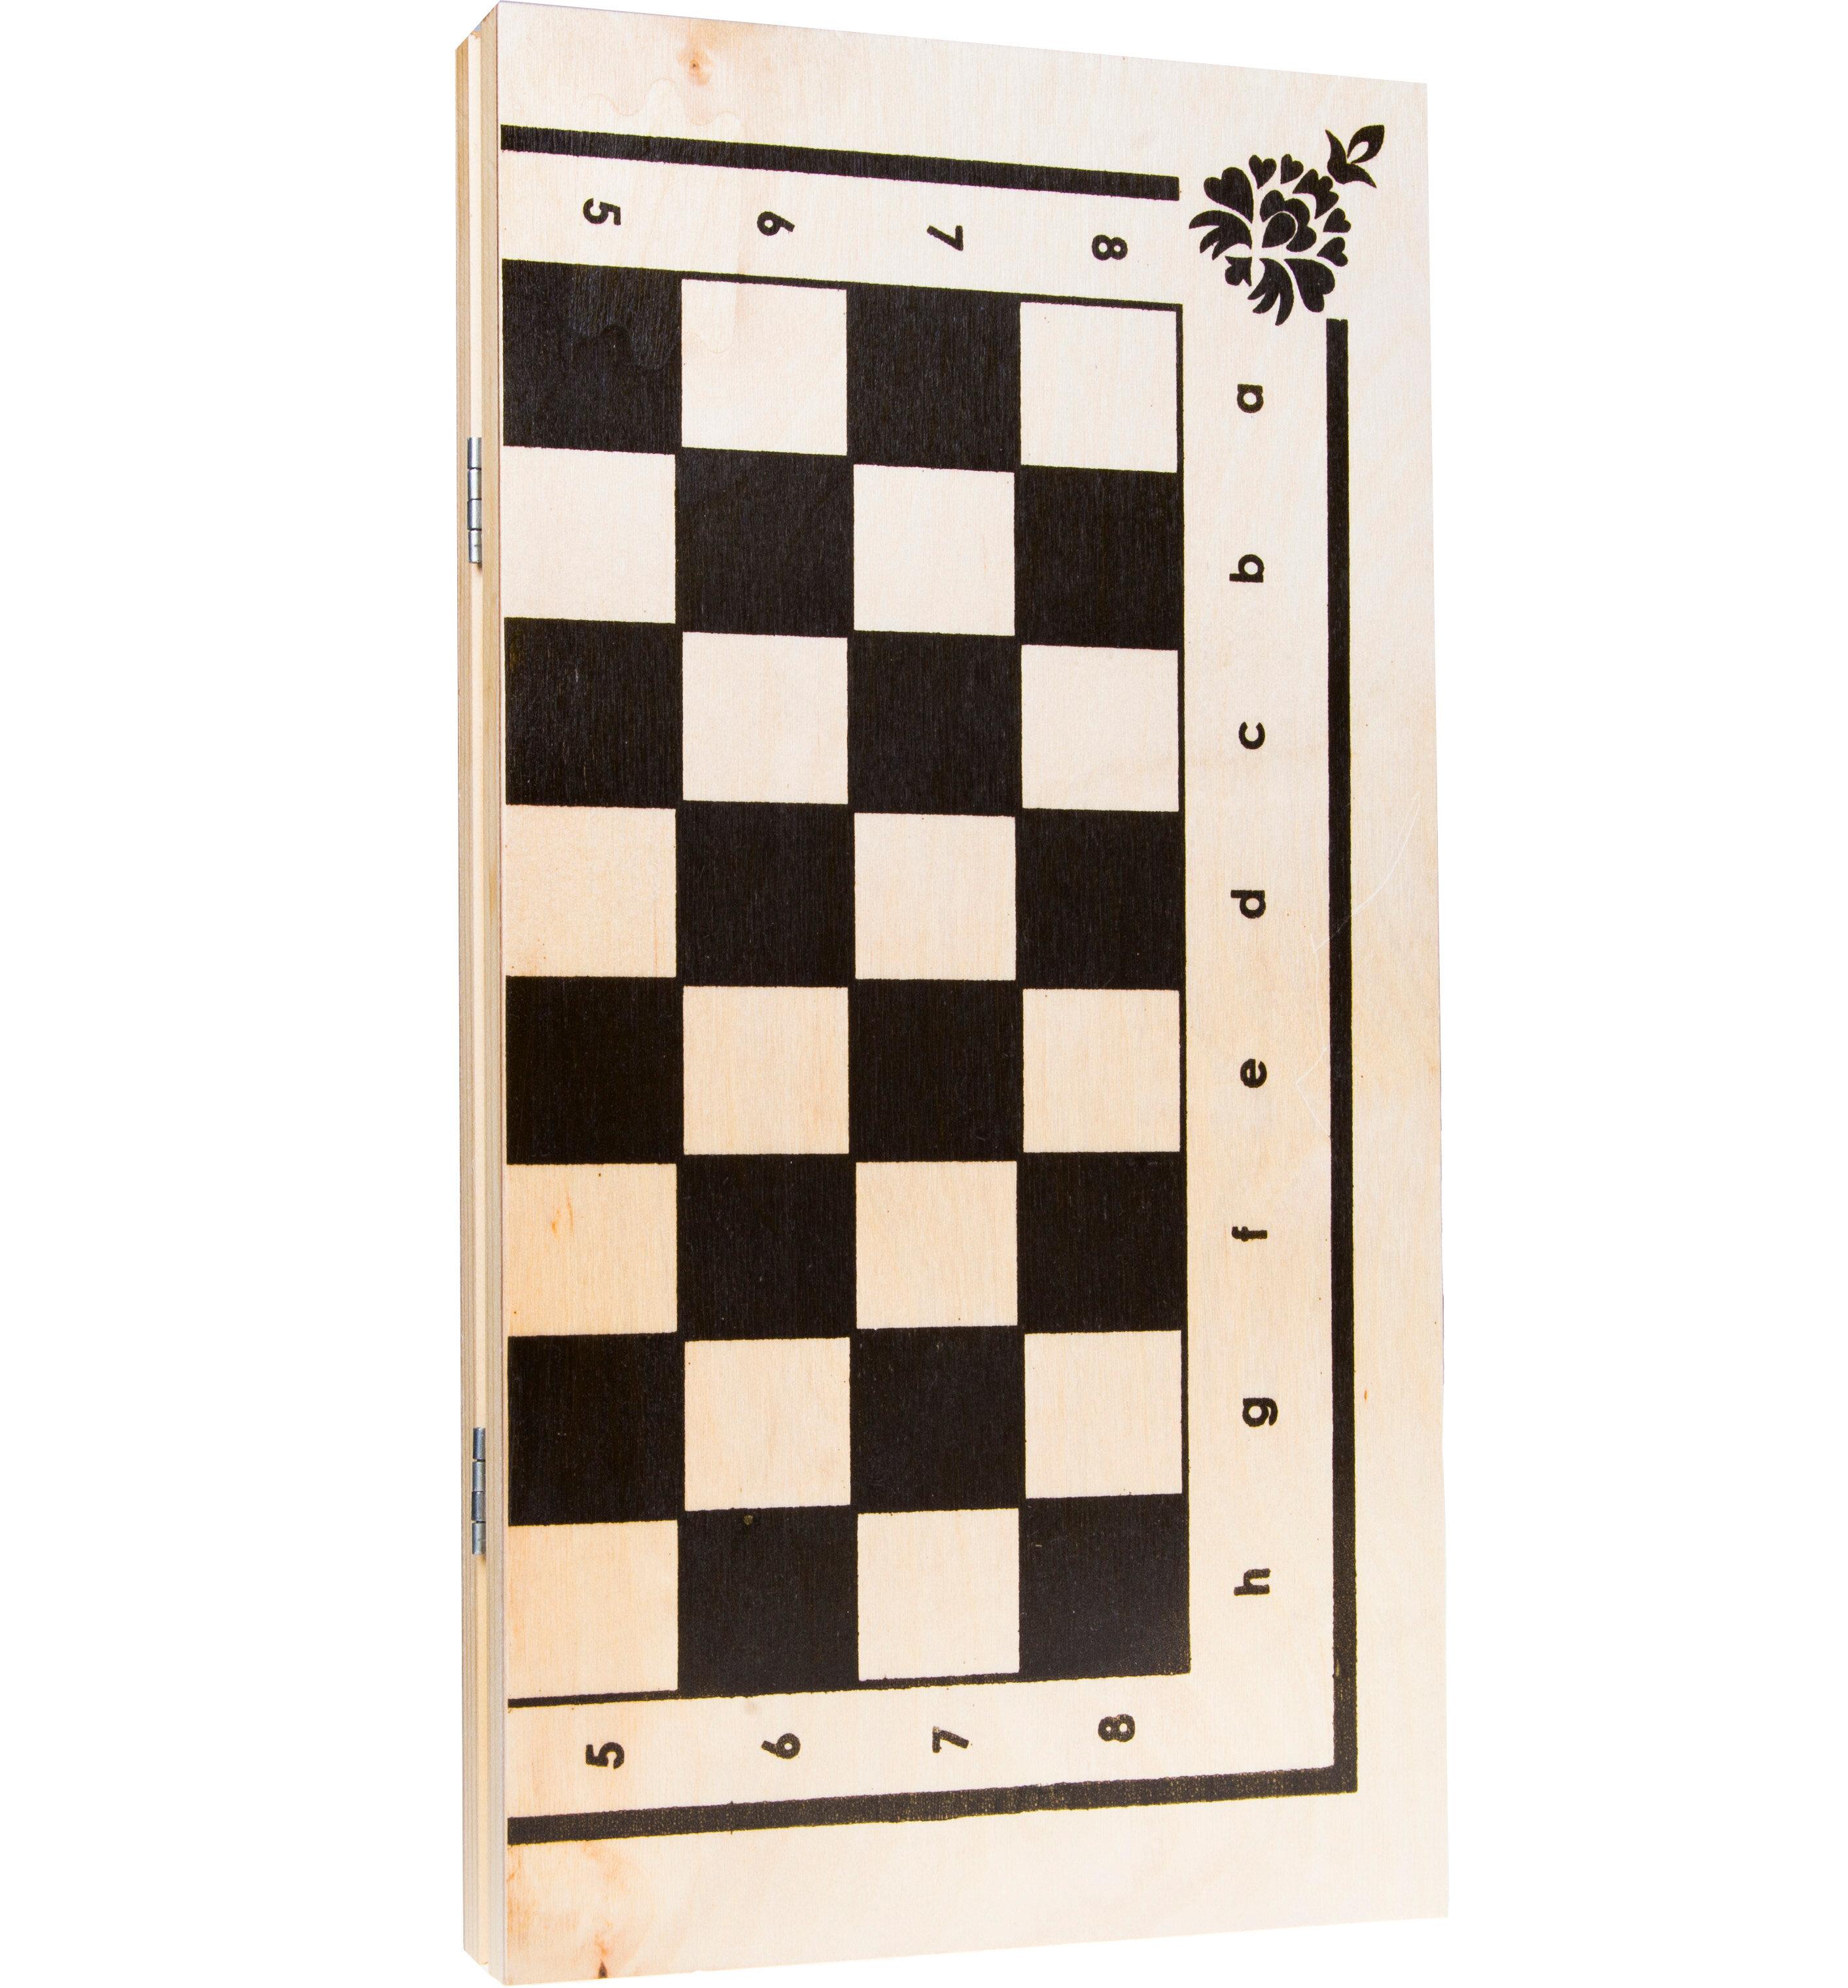 В этом наборе представлены все необходимые атрибуты, чтобы устроить для юных игроков турнир по одной из 7 разновидностей шашек.